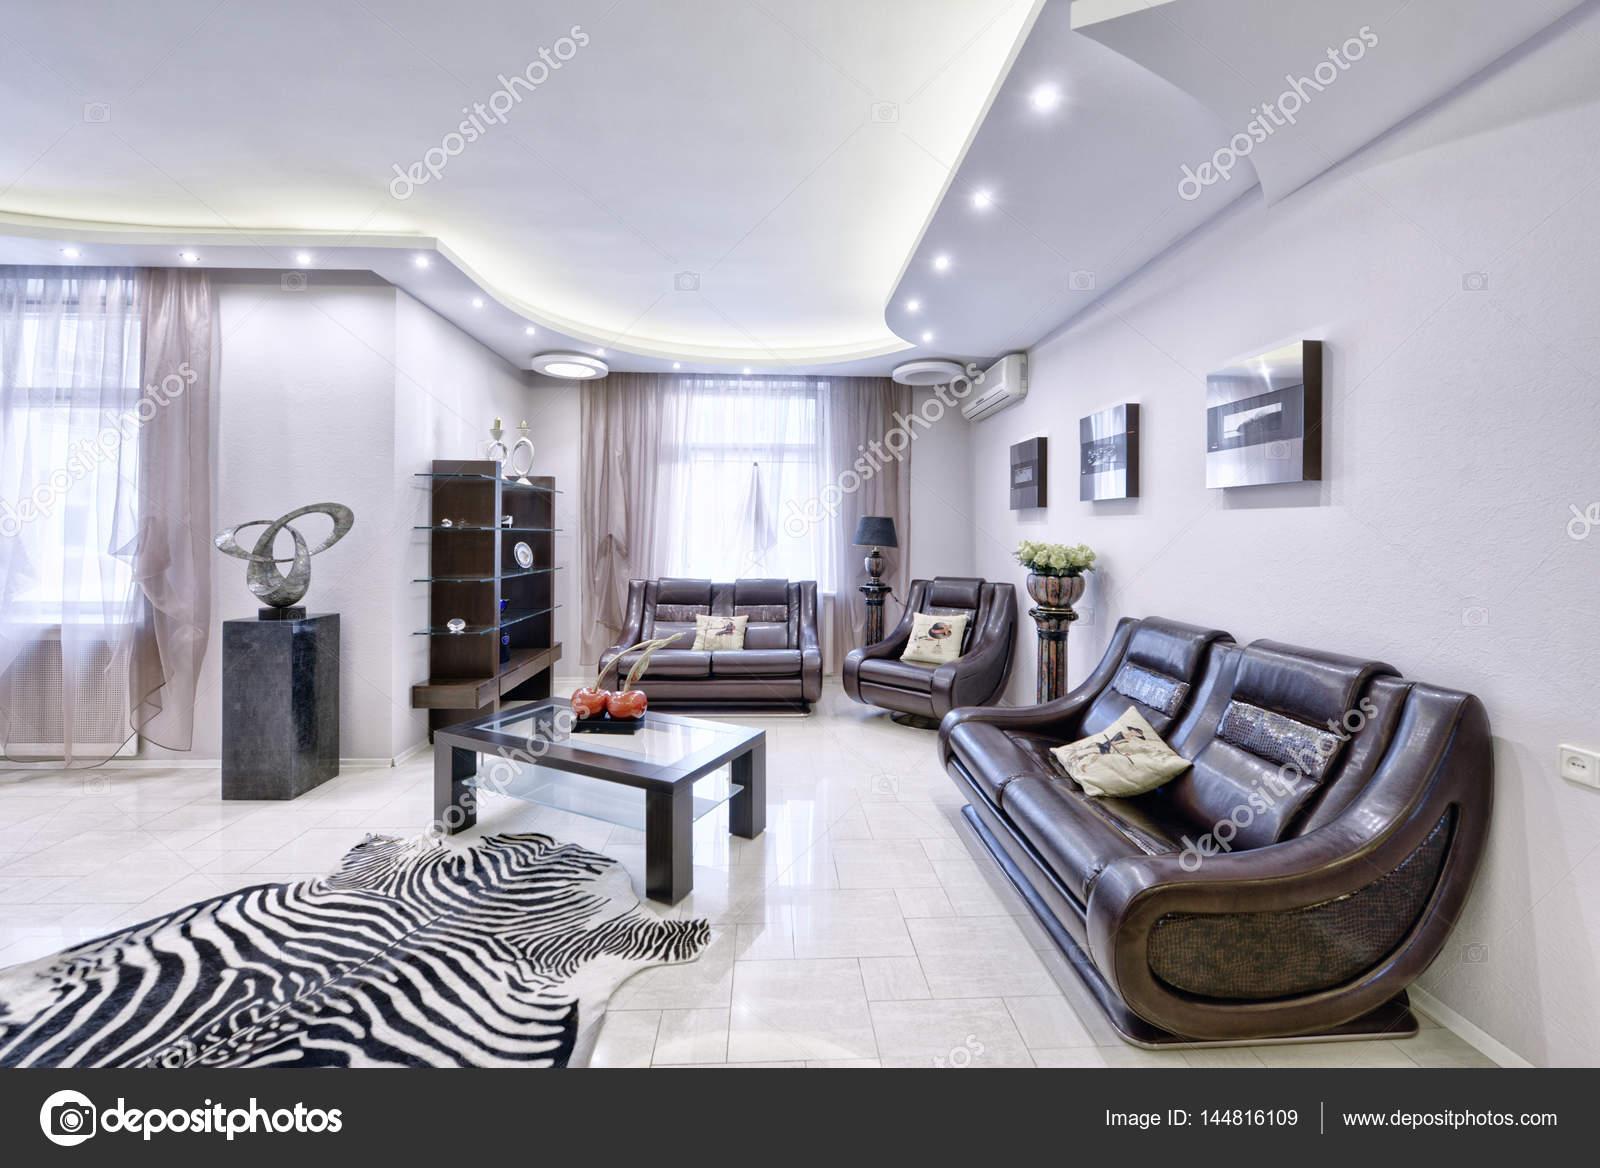 Moderne Innenarchitektur Wohnzimmer, Städtische Immobilien U2014 Stockfoto